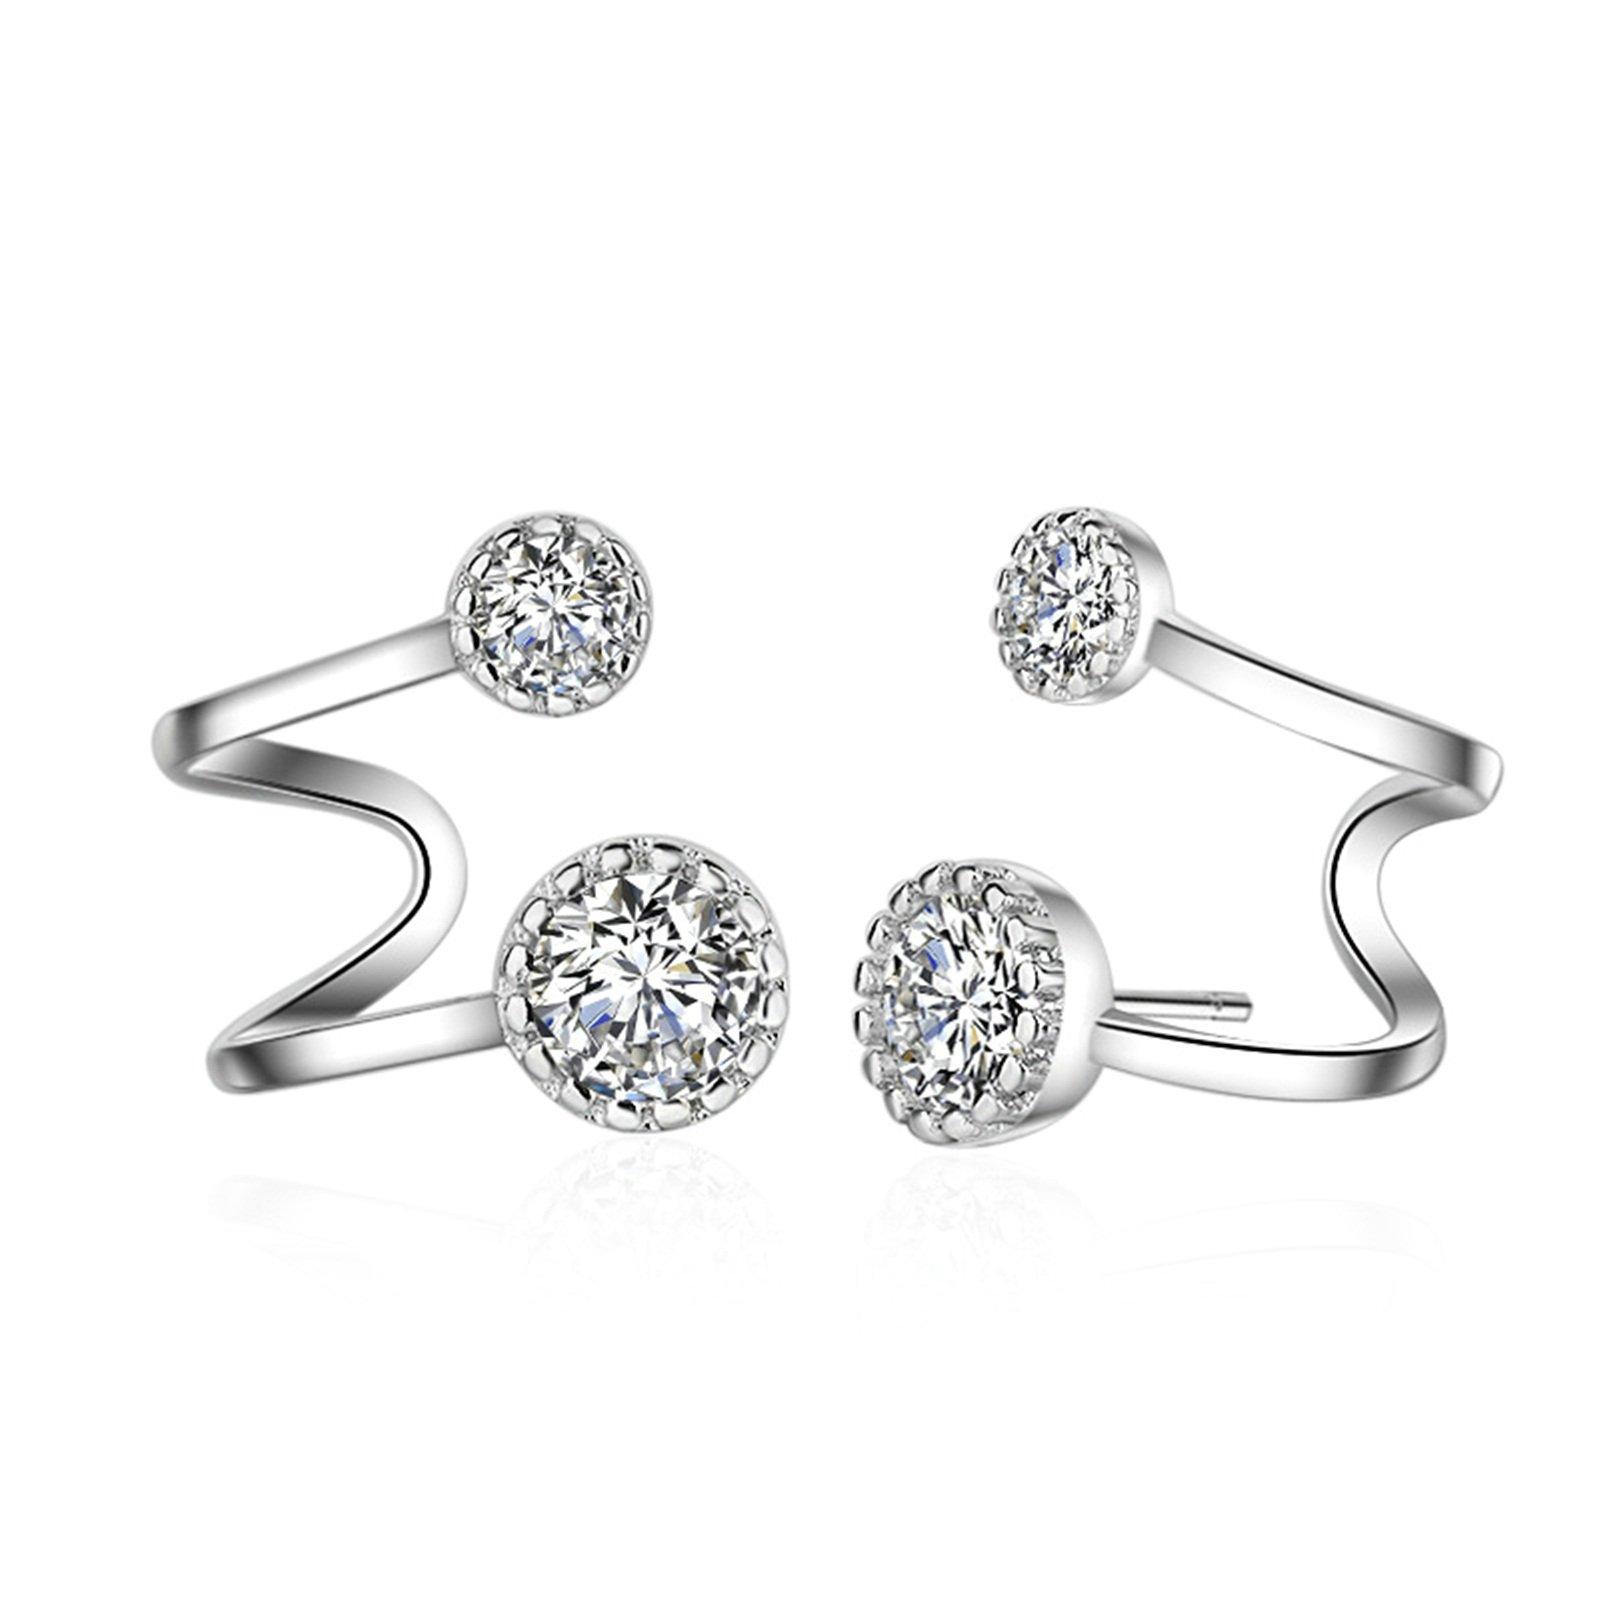 Gnzoe s925 Sterling Silver Fashion Earings Crystal Ear Jackets CZ Ear Clips Stud Earrings 1Pair